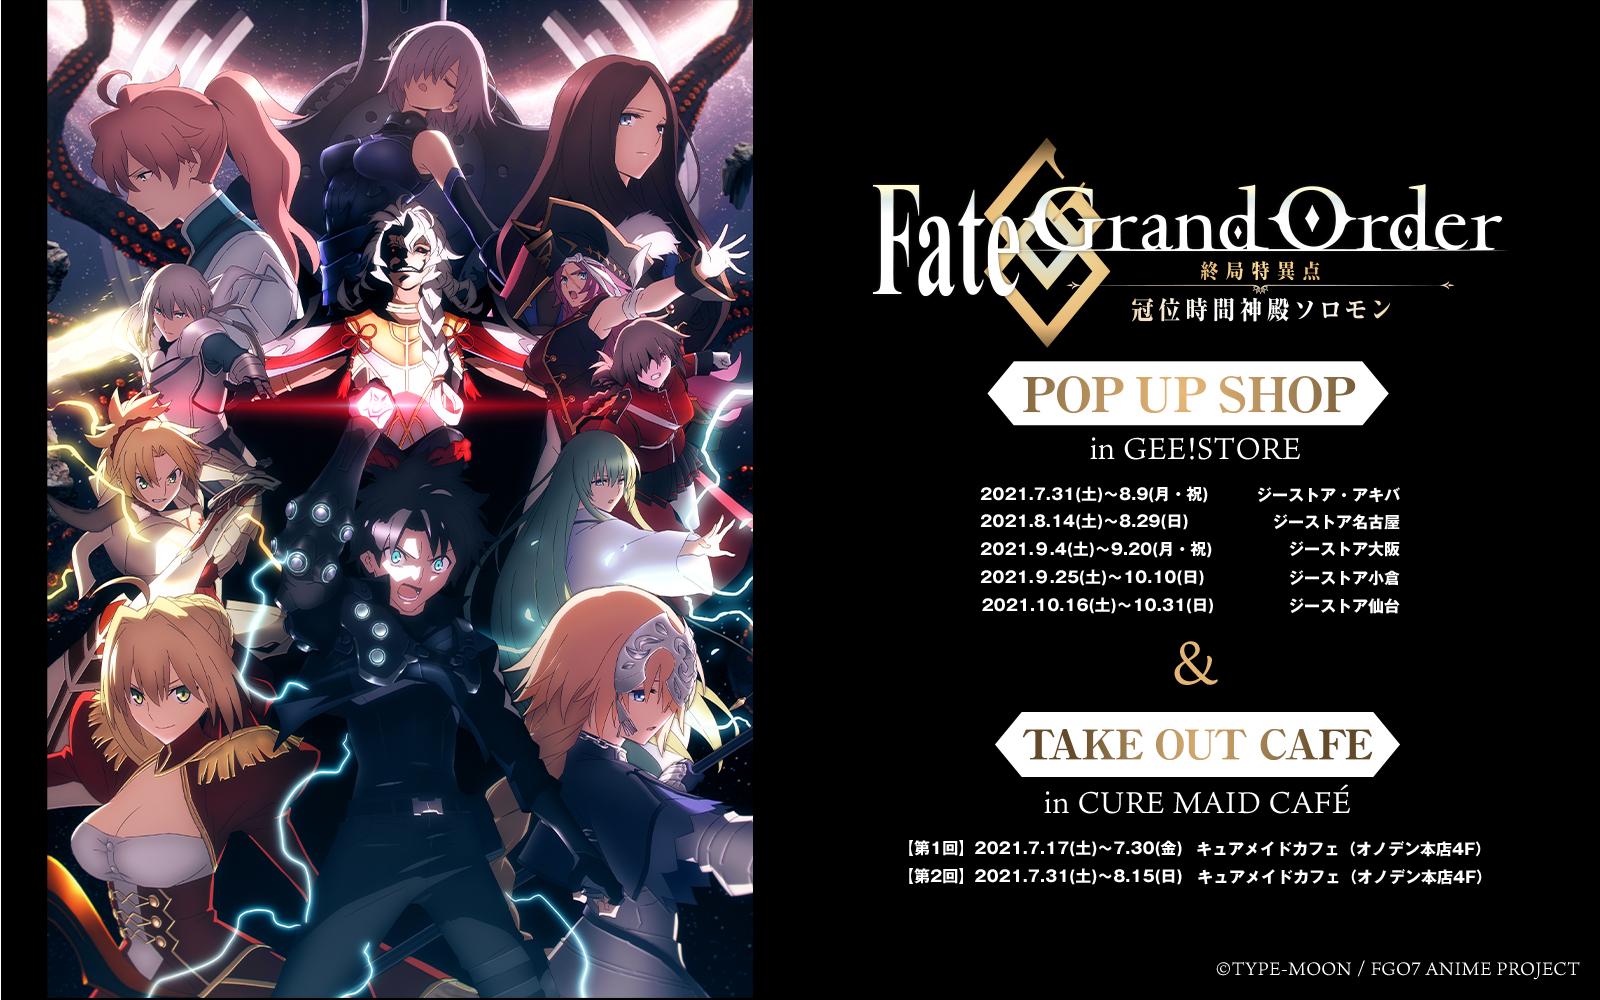 [イベント]Fate/Grand Order -終局特異点 冠位時間神殿ソロモン- POP UP SHOP in GEE!STORE / TAKE OUT CAFE  in CURE MAID CAFE 開催決定!